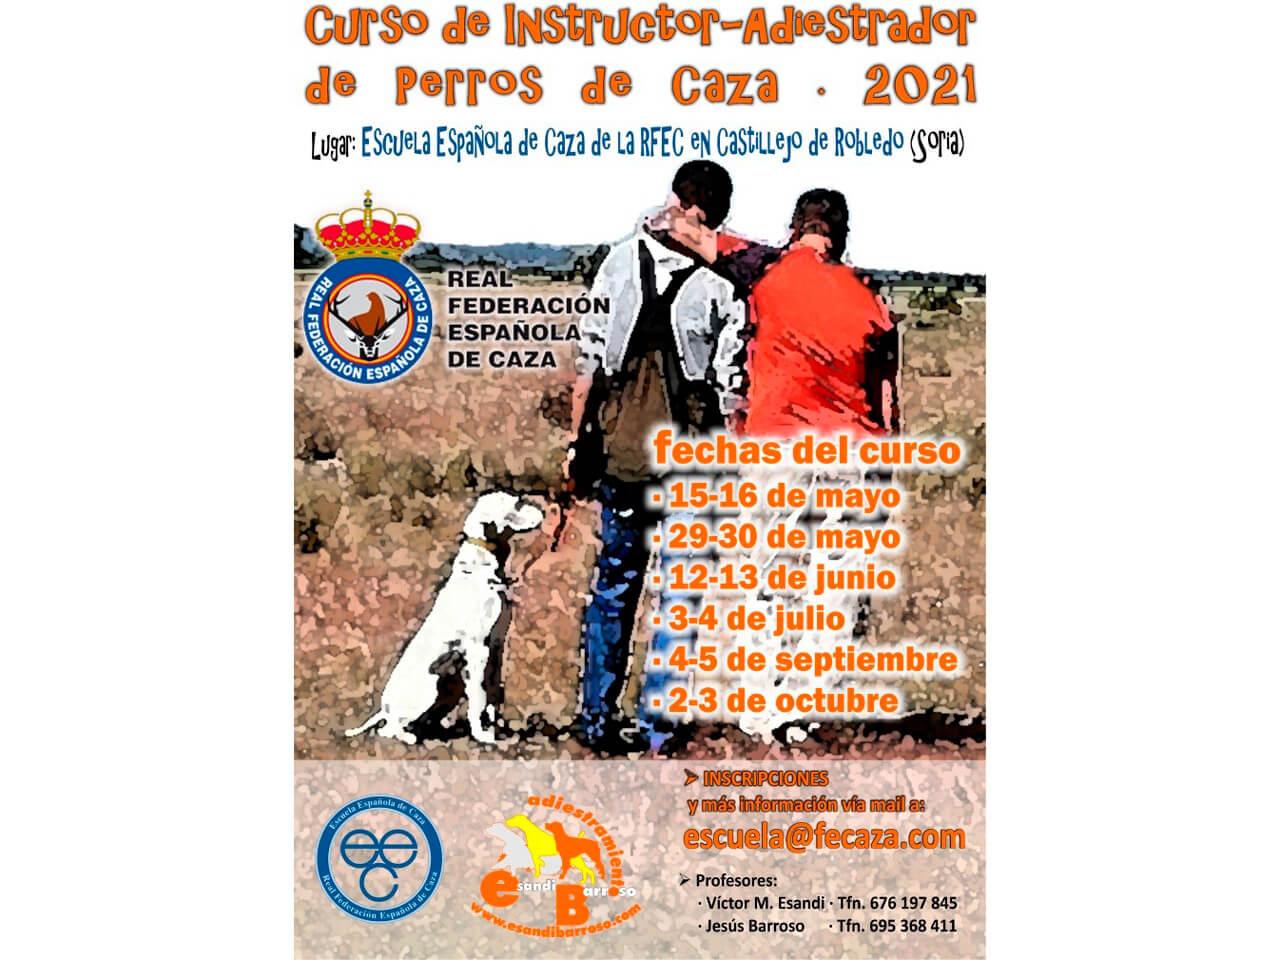 Nuevo curso de instructor-adiestrador de perros de caza de la Escuela Española de Caza